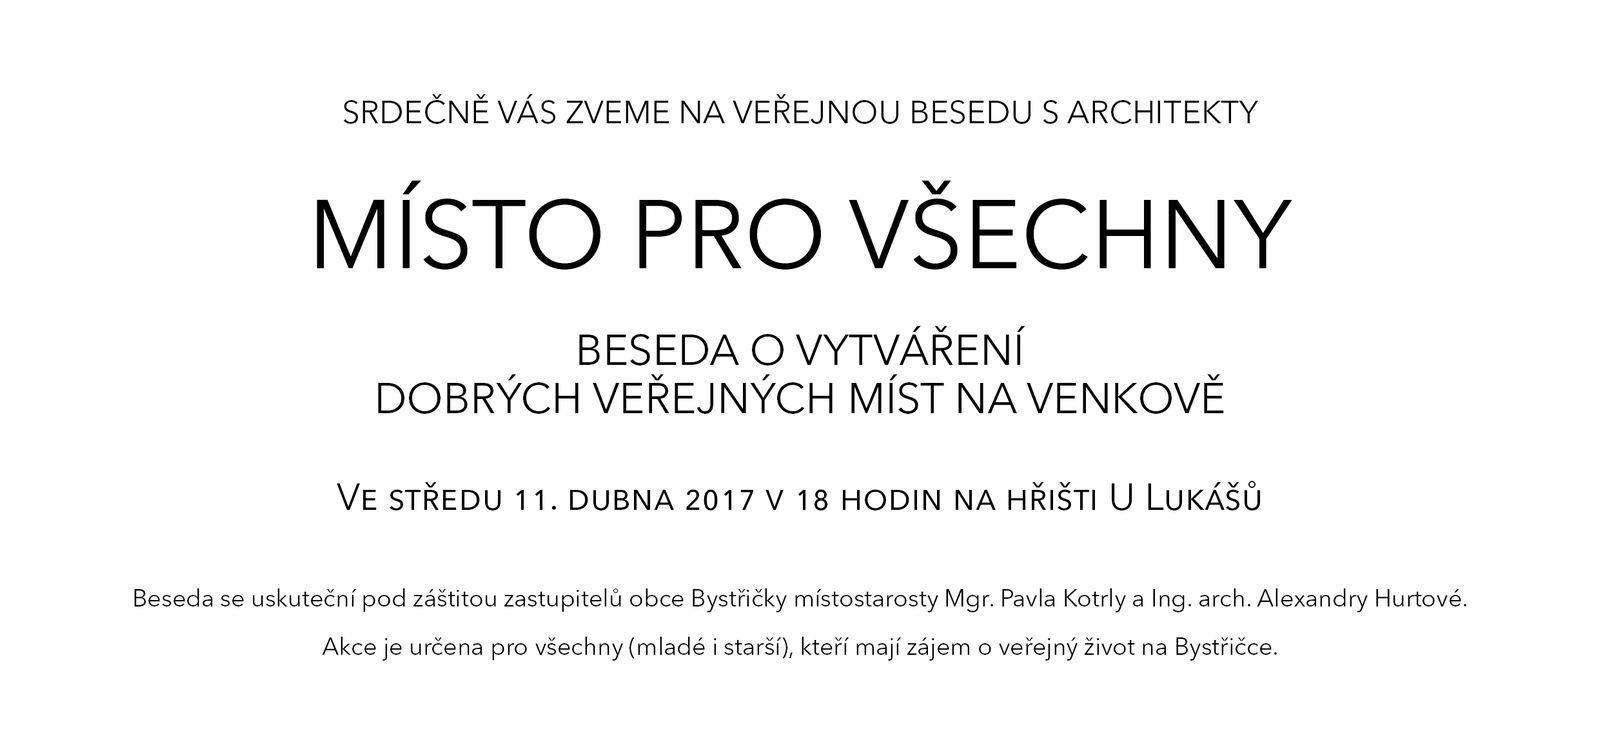 Architektonická beseda Místo pro všechny (11. 4. 2017 v 18 hodin na hřišti U Lukášů)